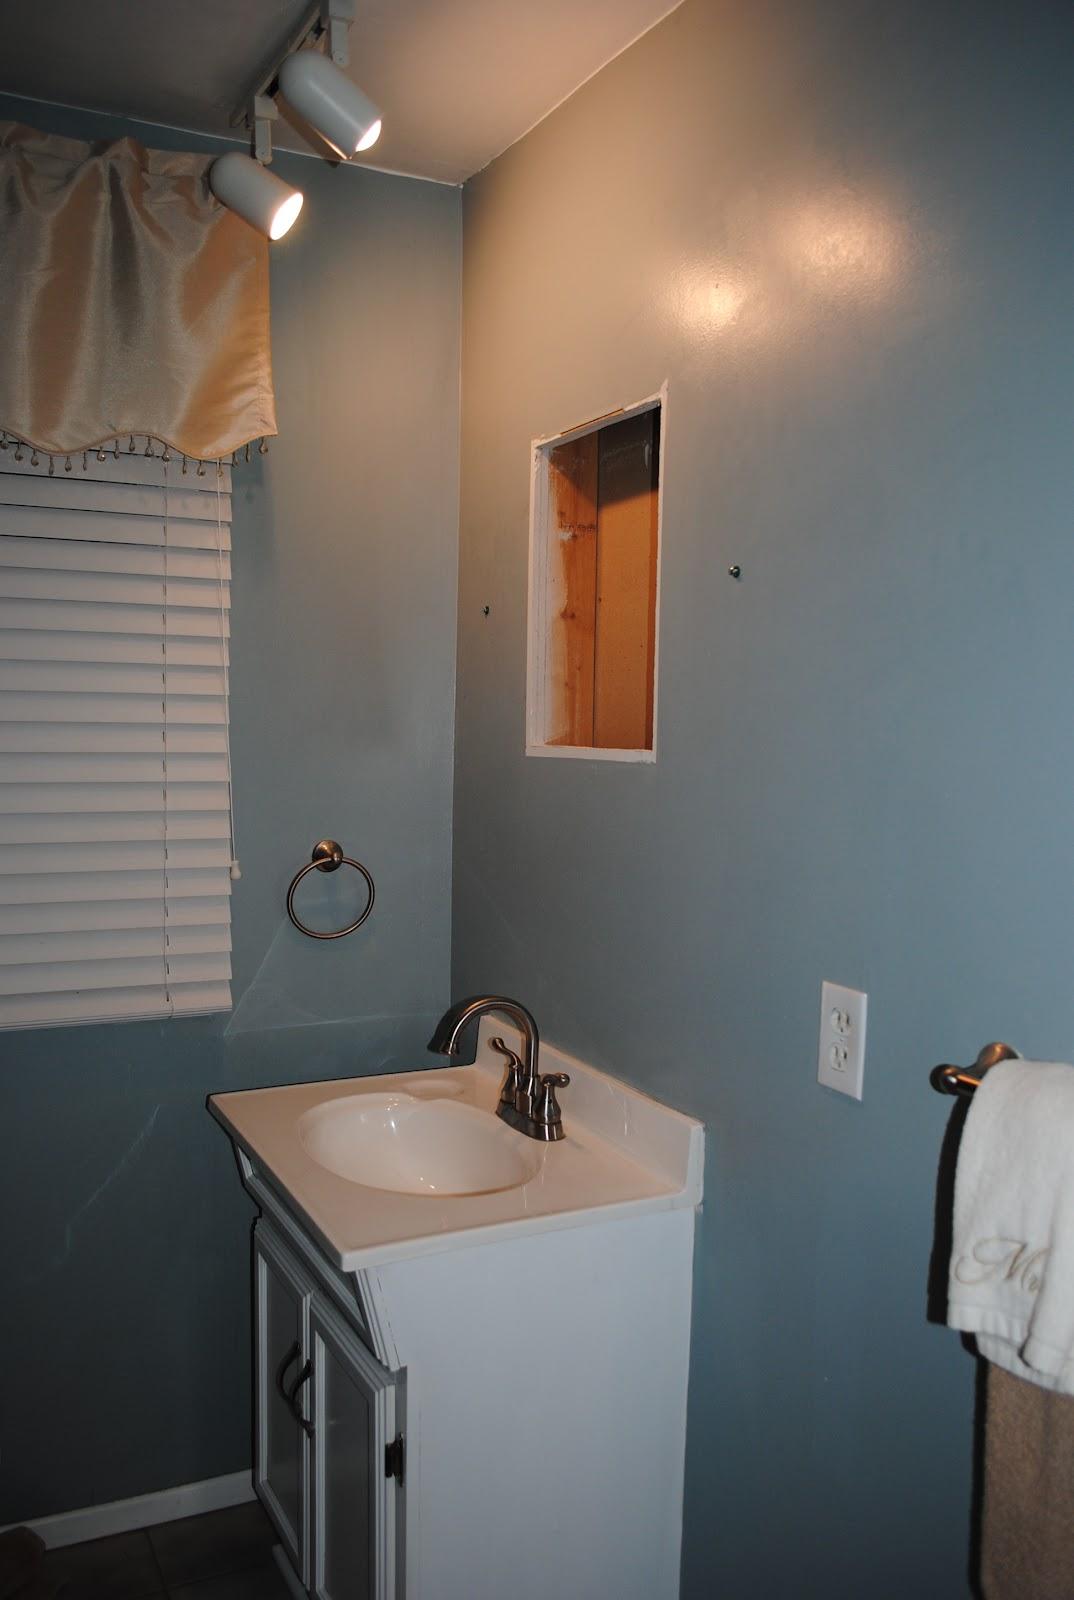 Mirror Bathroom Wall Cabinets